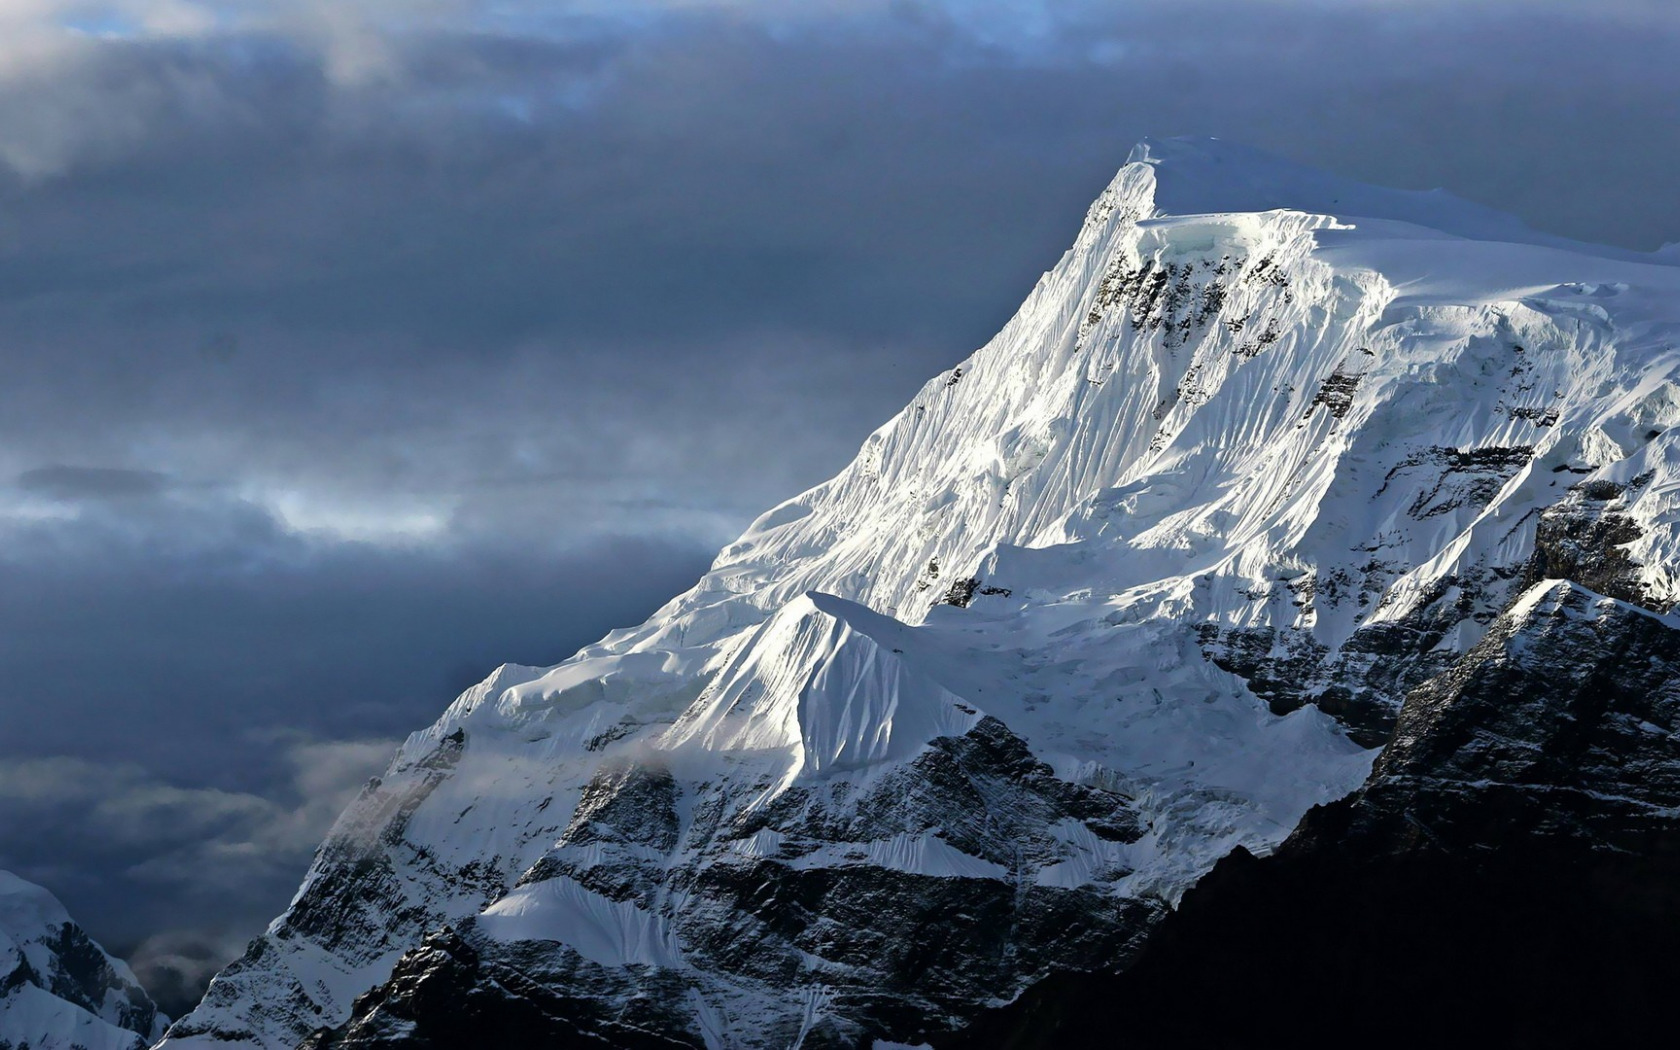 ваш красивые фото эвереста для рабочего стола одном таких раутов